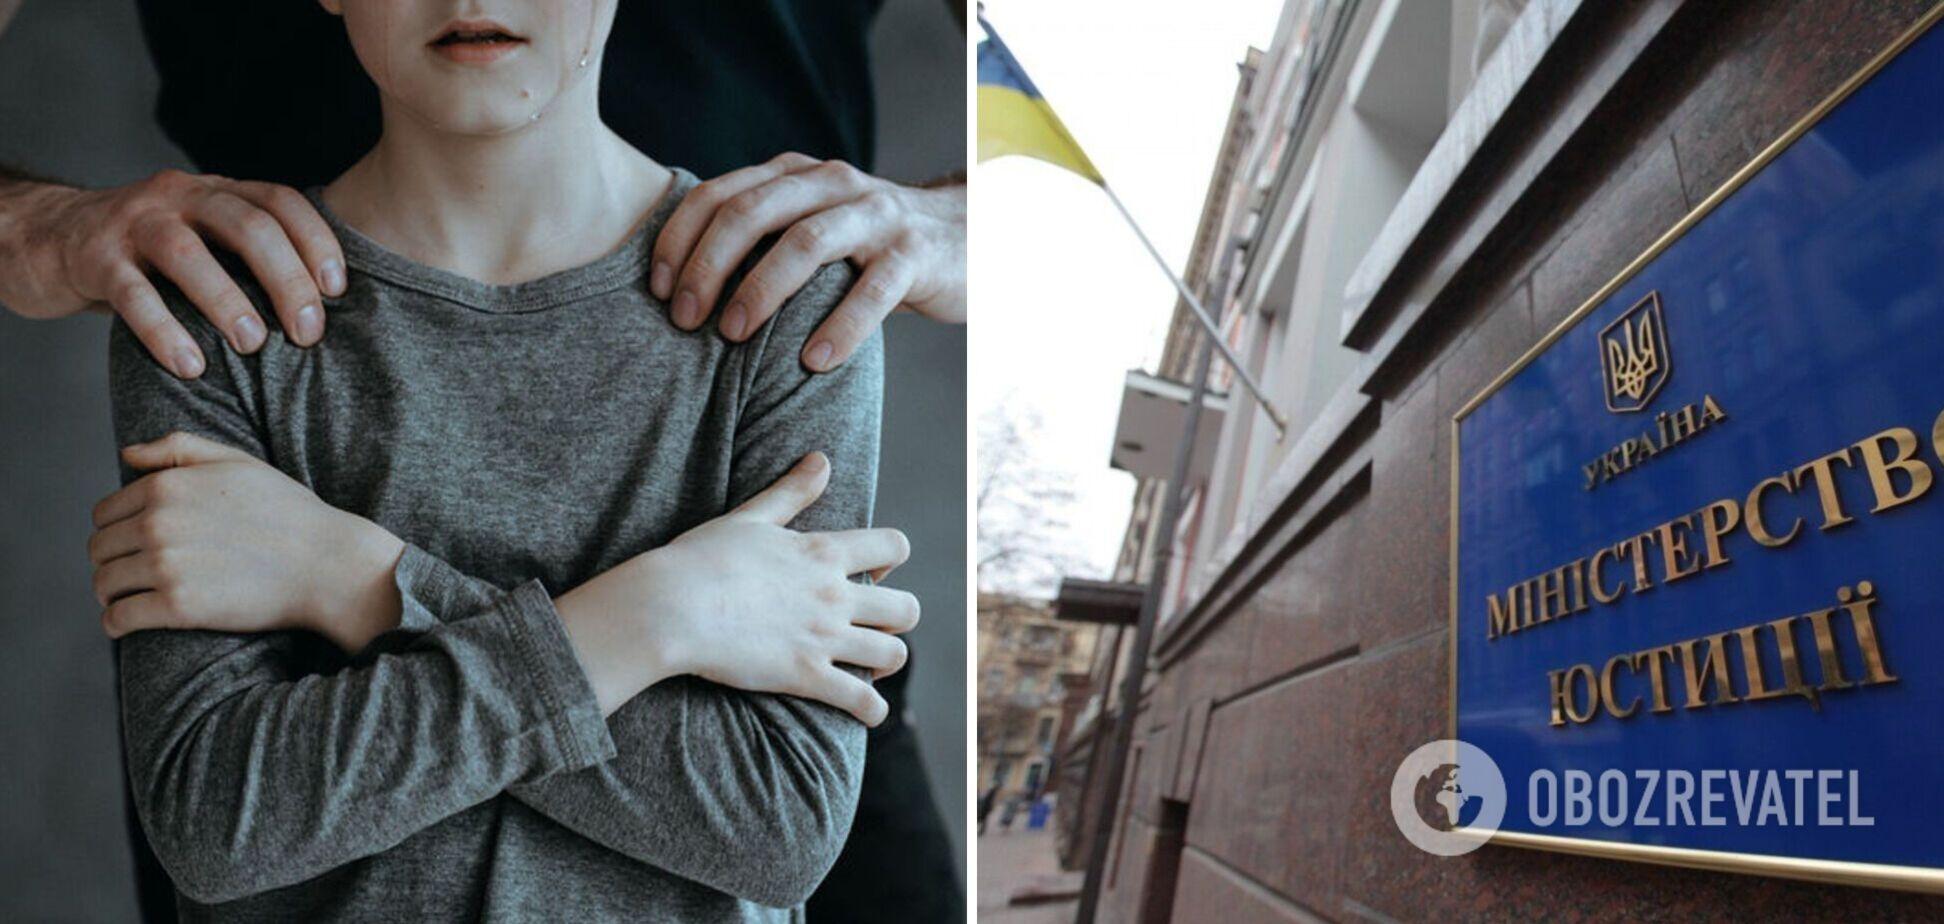 В Україні запустили реєстр педофілів: навіщо створили та яку інформацію містить